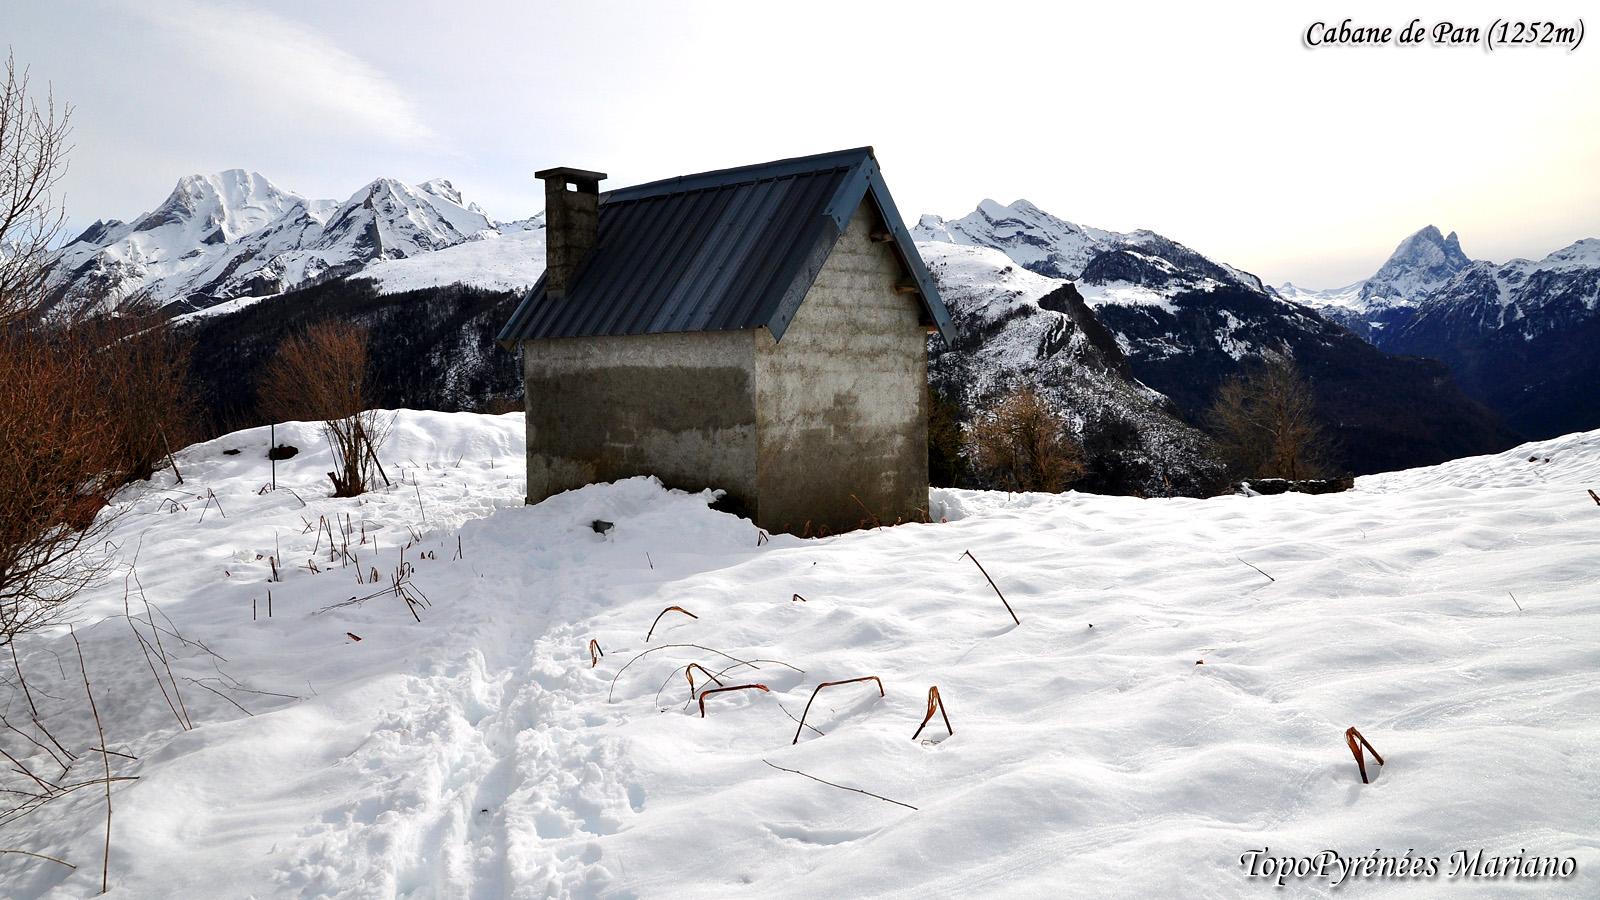 Randonnée Cabane de Pan (1252m)